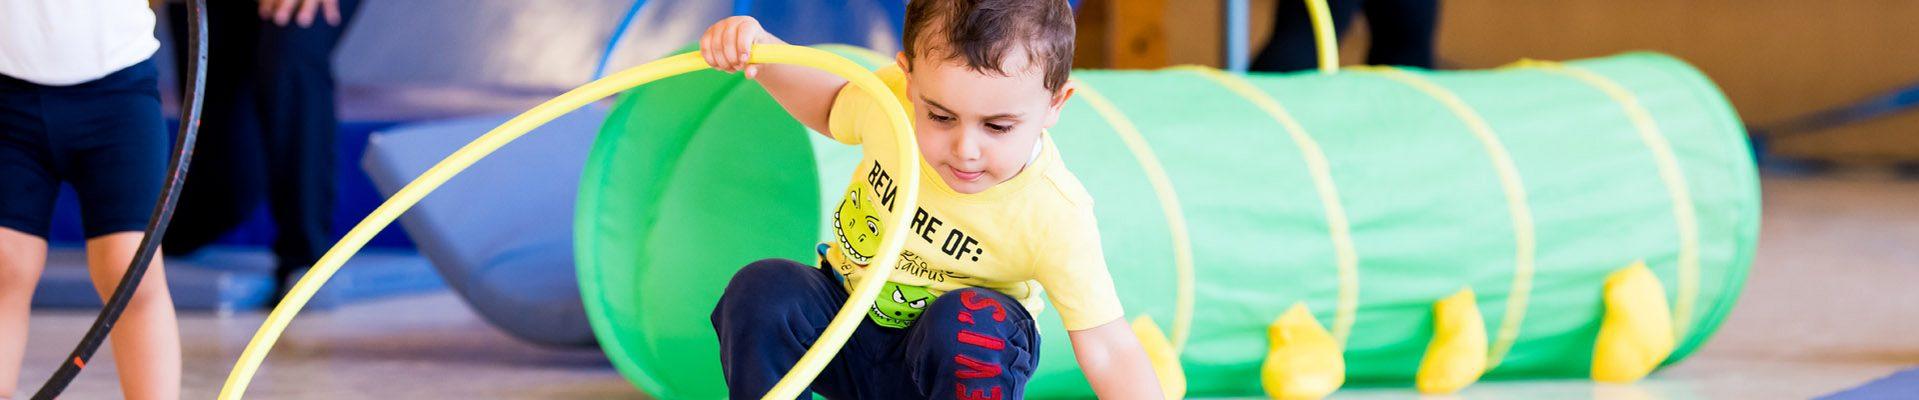 Teaser Kindertagespflege: Kind spielt mit Hula Hoop Reif